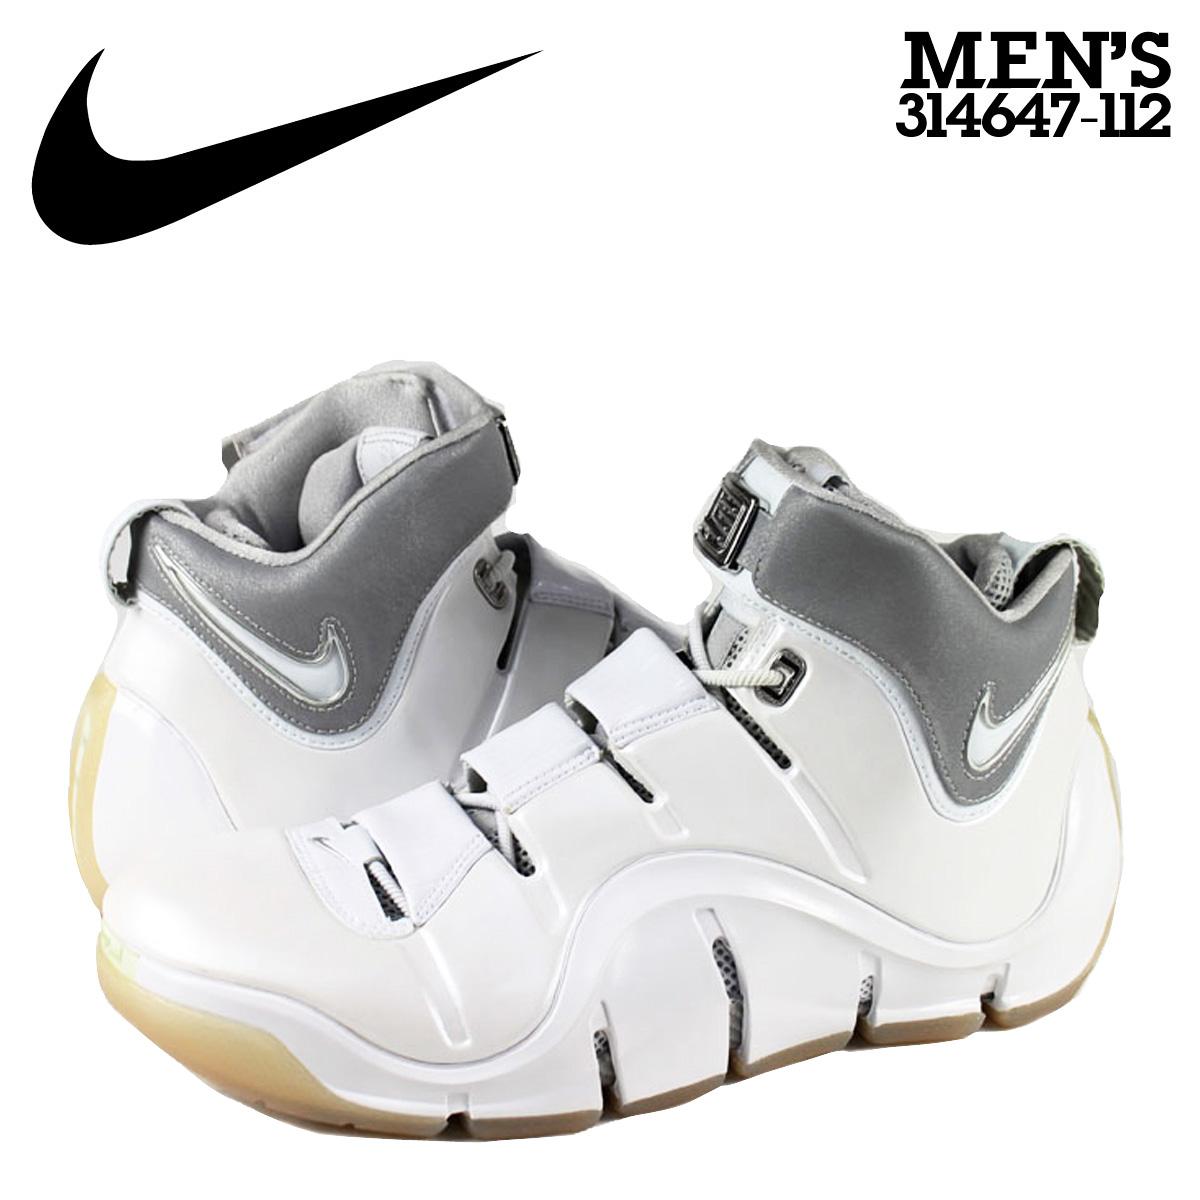 c08c7739e297 ALLSPORTS  Nike NIKE zoom LeBron sneaker ZOOM LEBRON 4 314647-112 ...